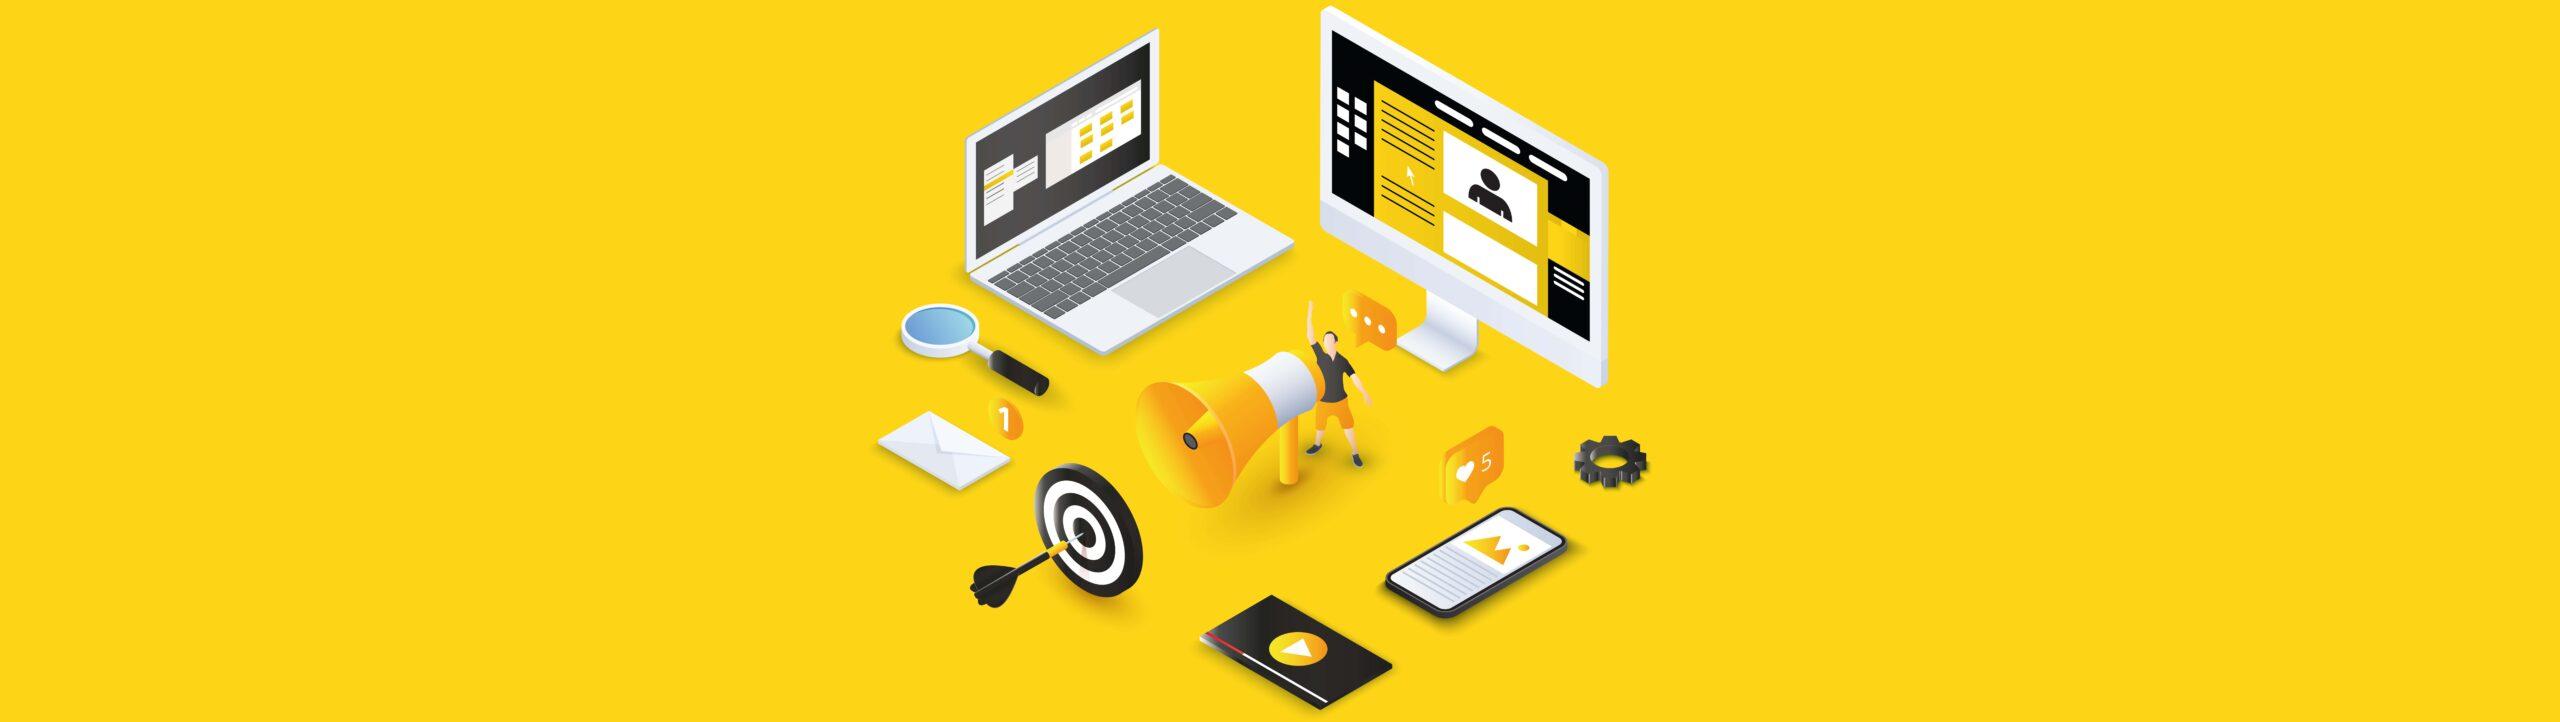 Comment penser son écosystème digital pour atteindre ses objectifs ?